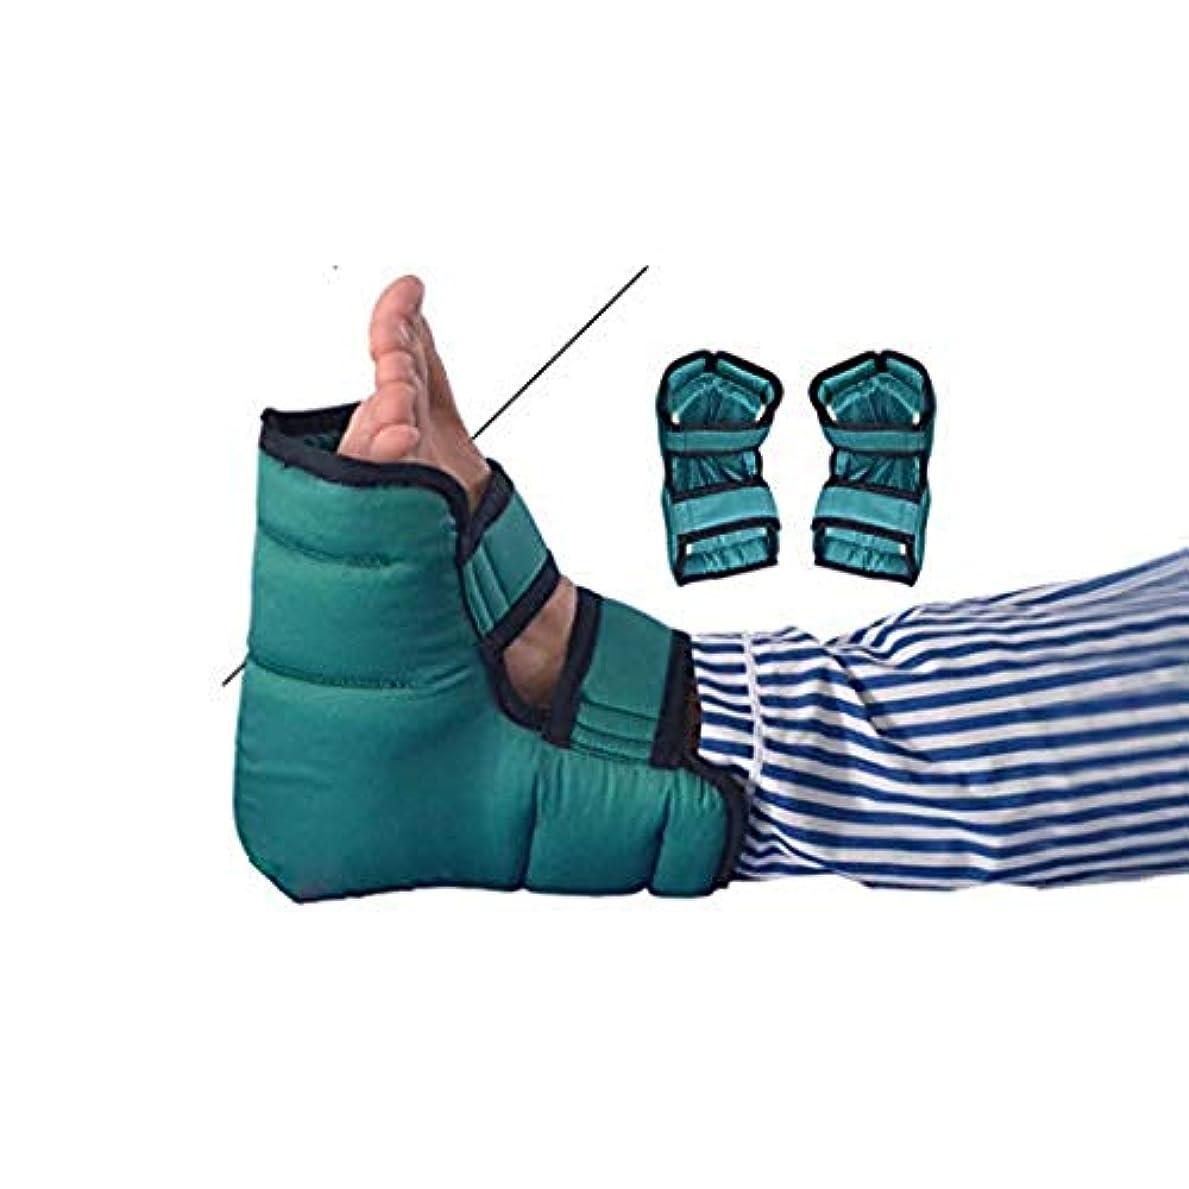 叱る地区ラインナップかかと潰瘍からの圧力を和らげるヒールクッションプロテクター枕、大人サイズのヒールクッションプロテクター-足と足首のピローガードのペア